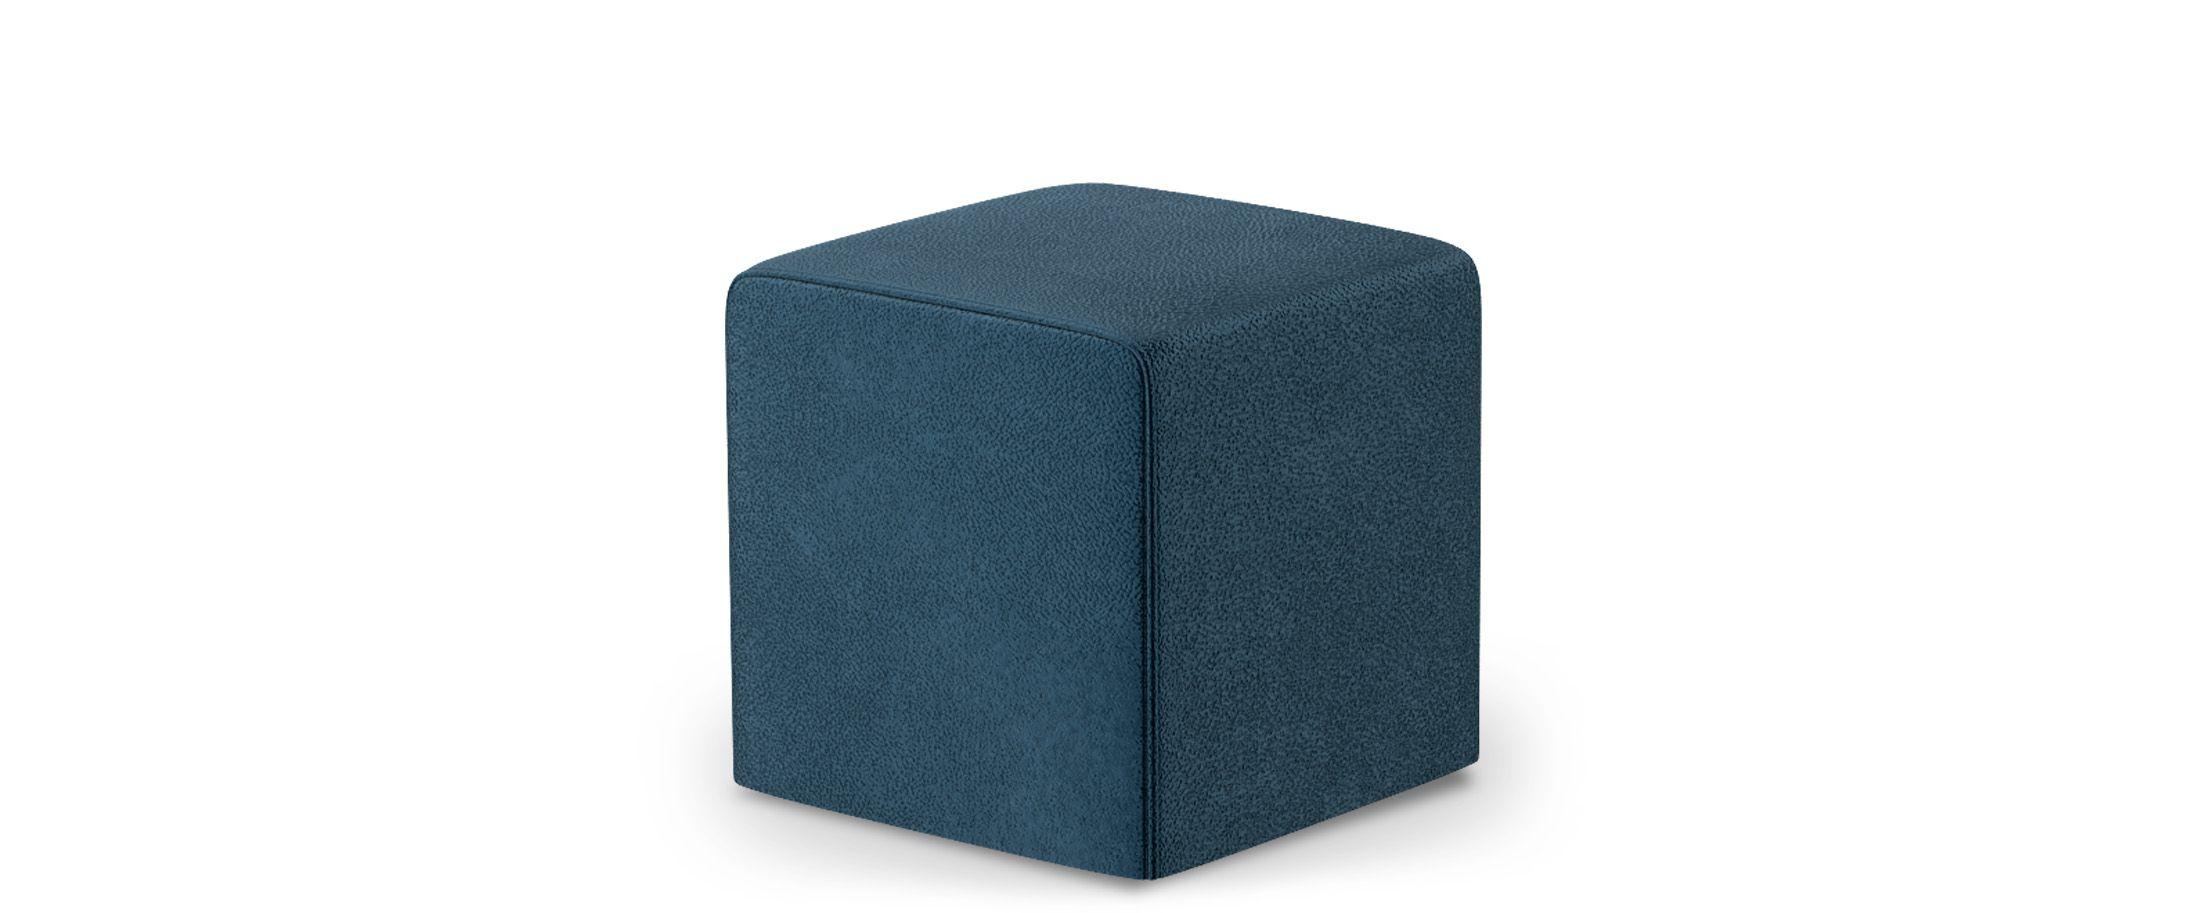 Пуф кубКупить квадратный пуф из велюра Модель 010 от производителя. Доставка от 1 дня. Гарантия 18 месяцев. Интернет-магазин мебели MOON TRADE.<br>